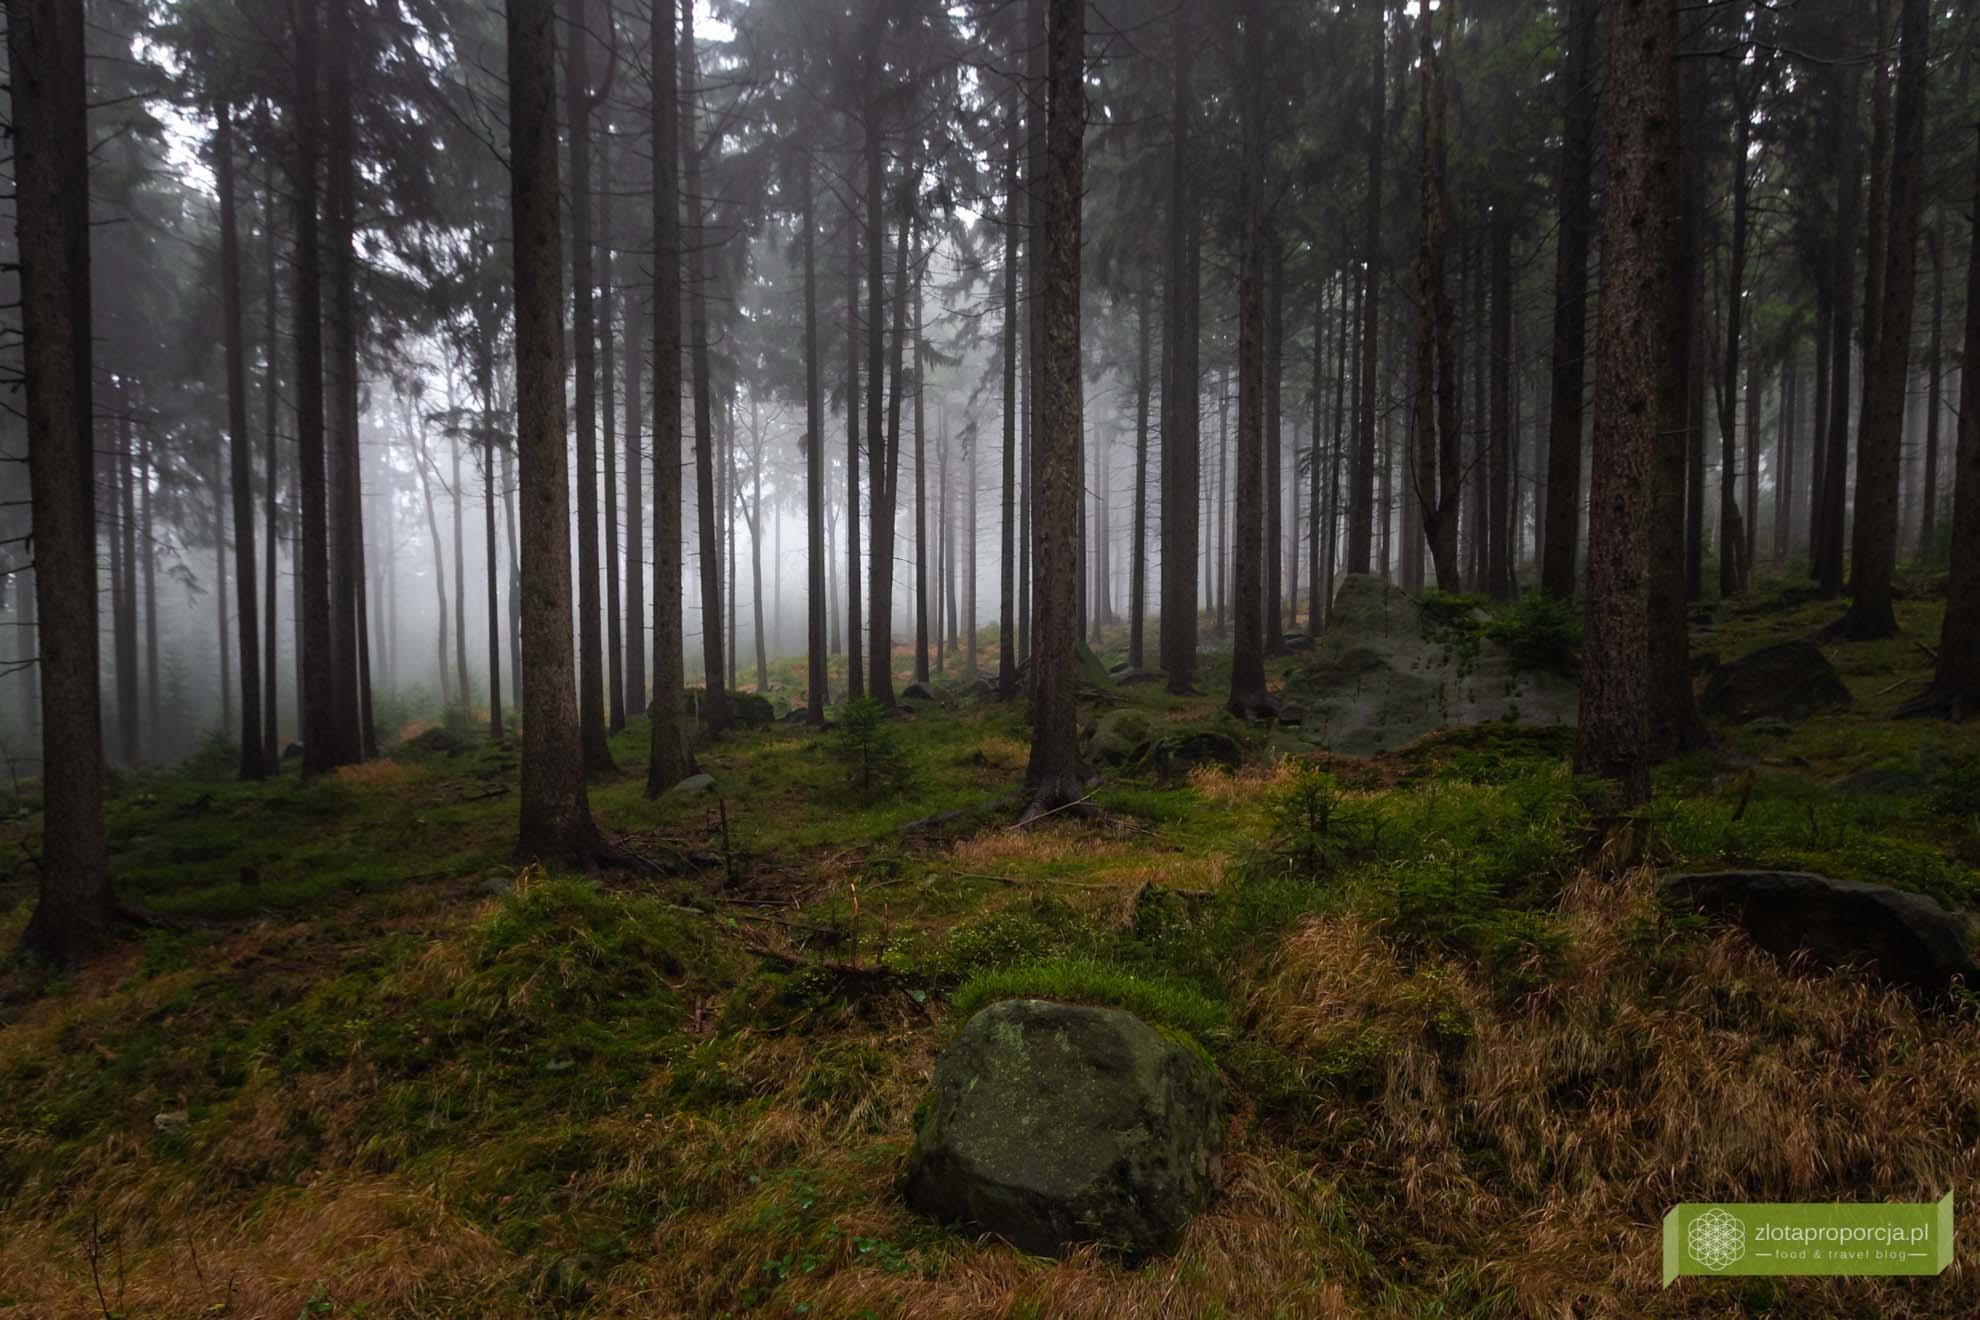 Góry Stołowe Dolny Śląsk; Góry Stołowe szlaki; Góry Stołowe atrakcje; Szczeliniec; Błędne Skały